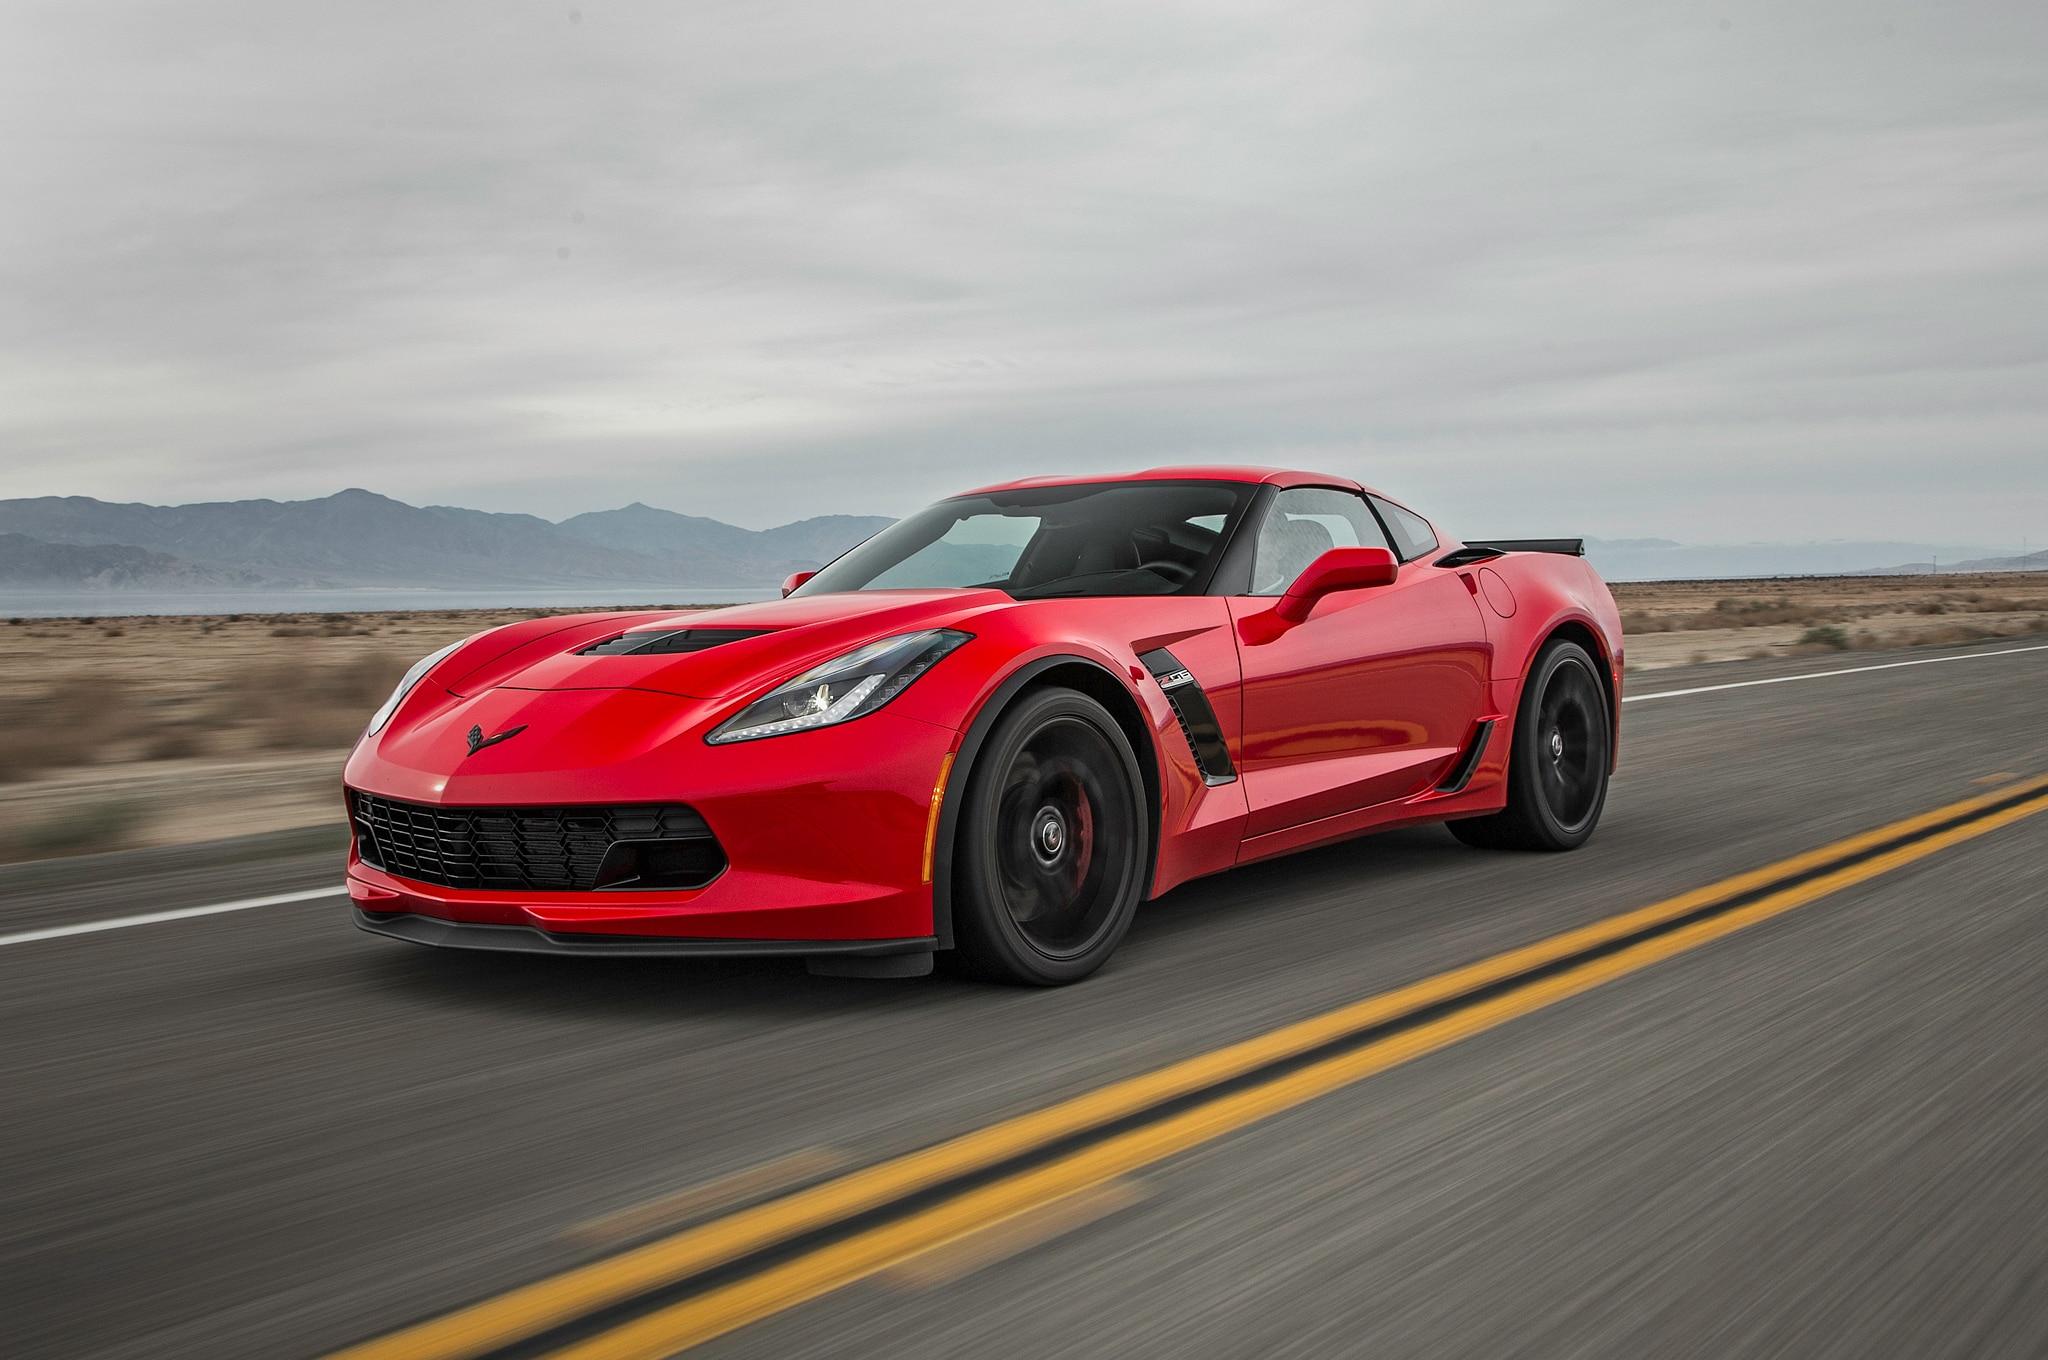 air jordan 5 red suede 2015 corvette